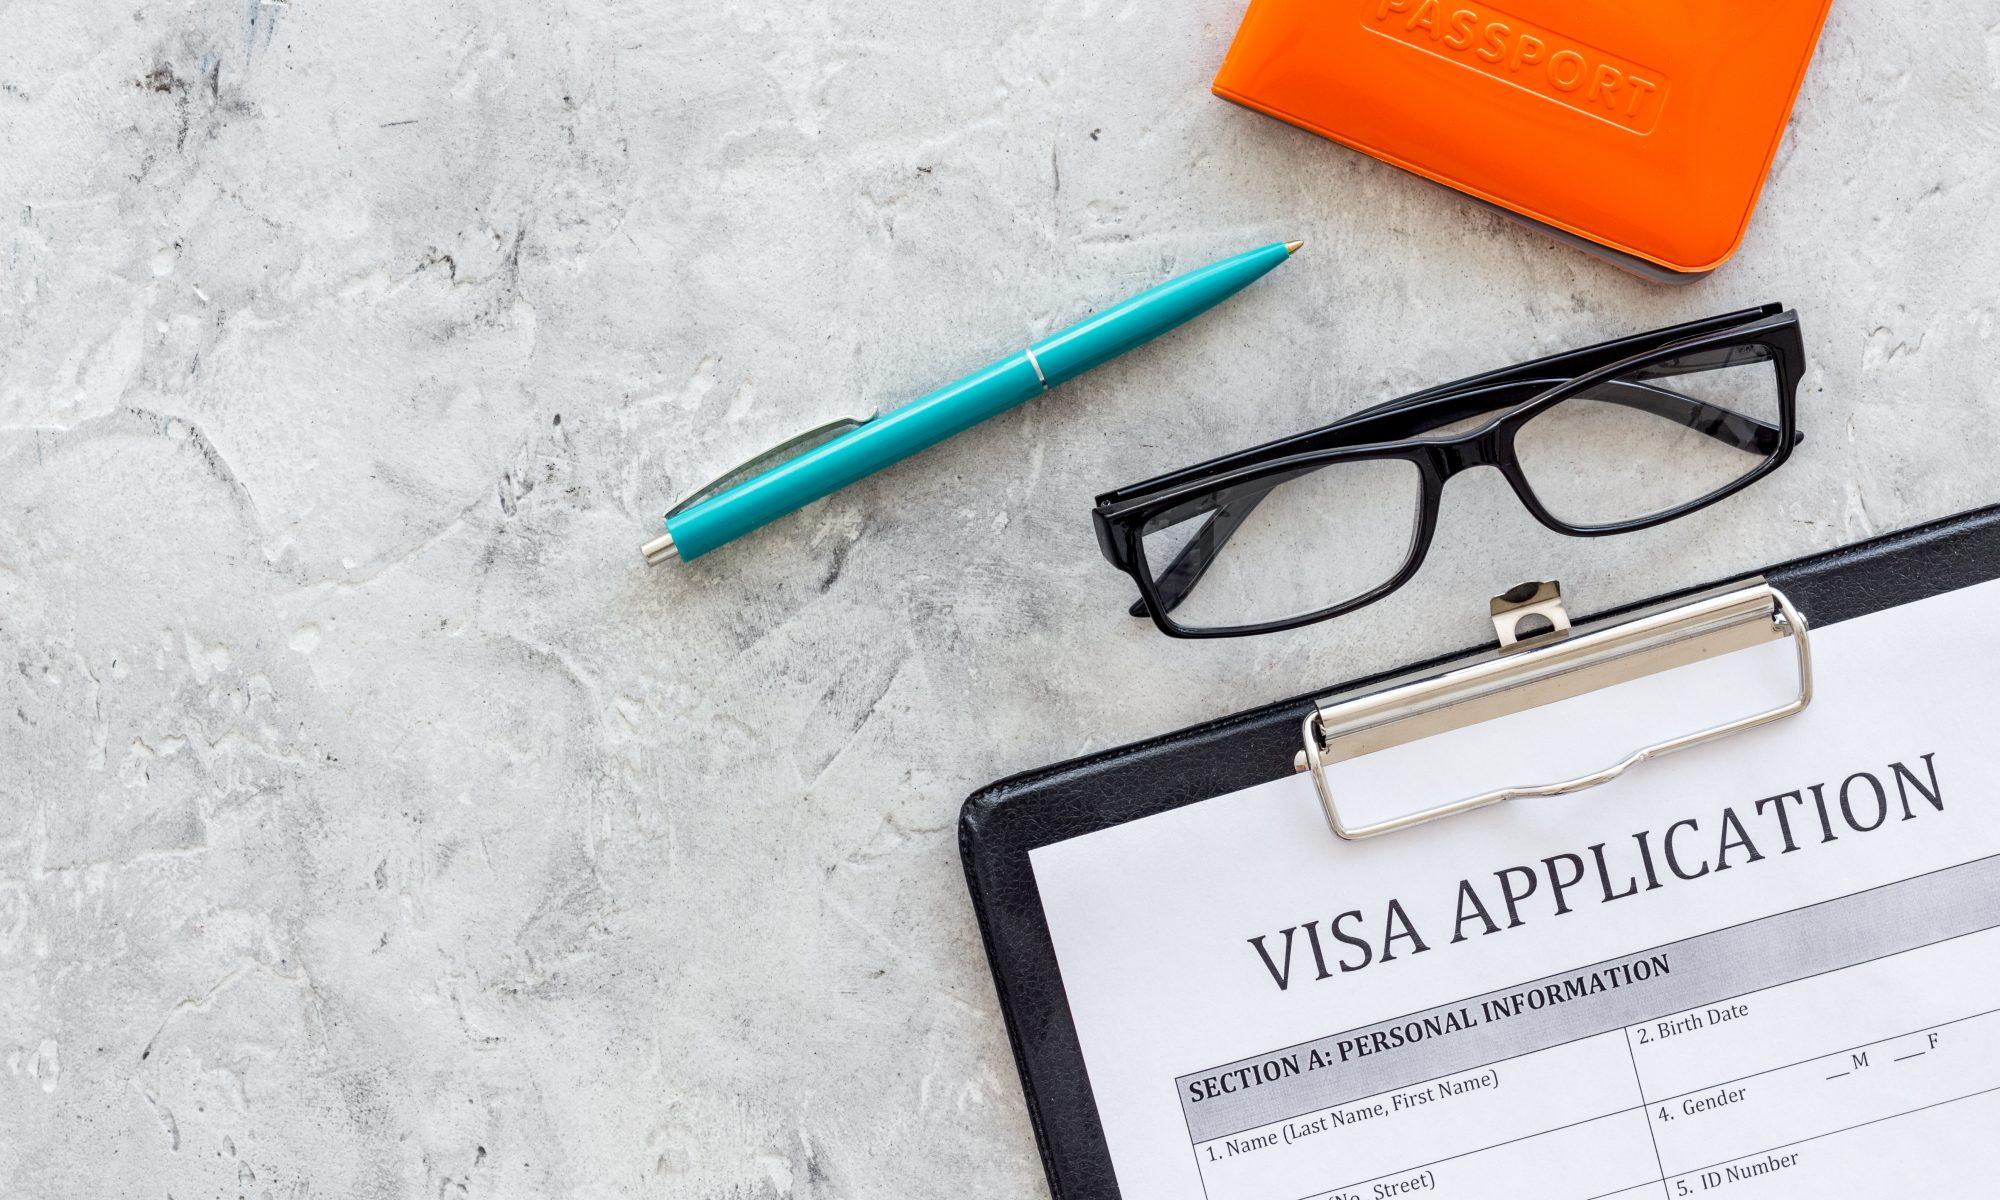 Residence Visa for Your Family in Dubai